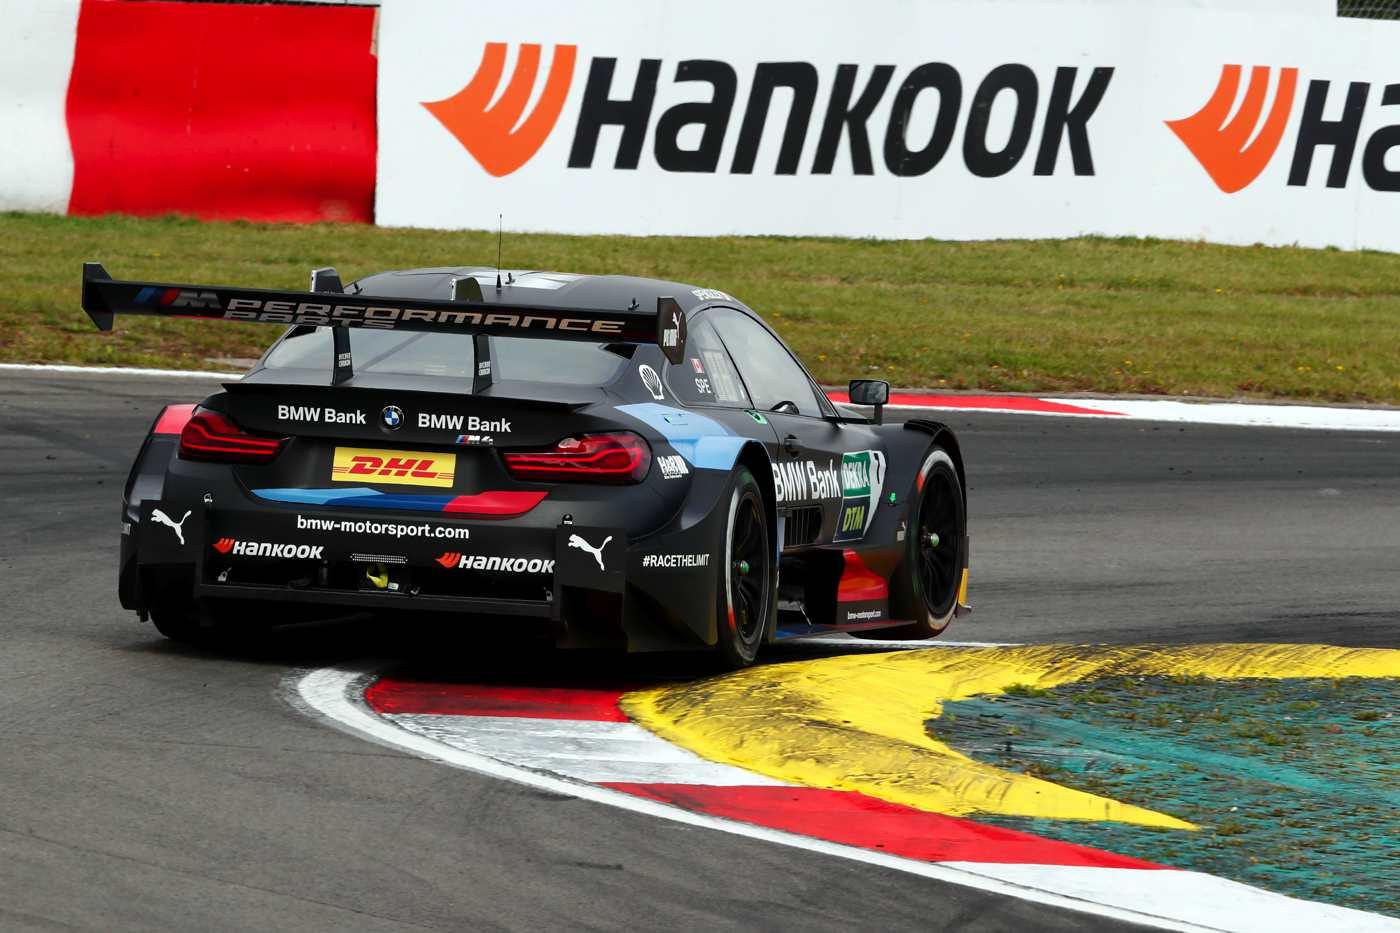 Bruno Spengler und Marco Wittmann für BMW auf dem Podium